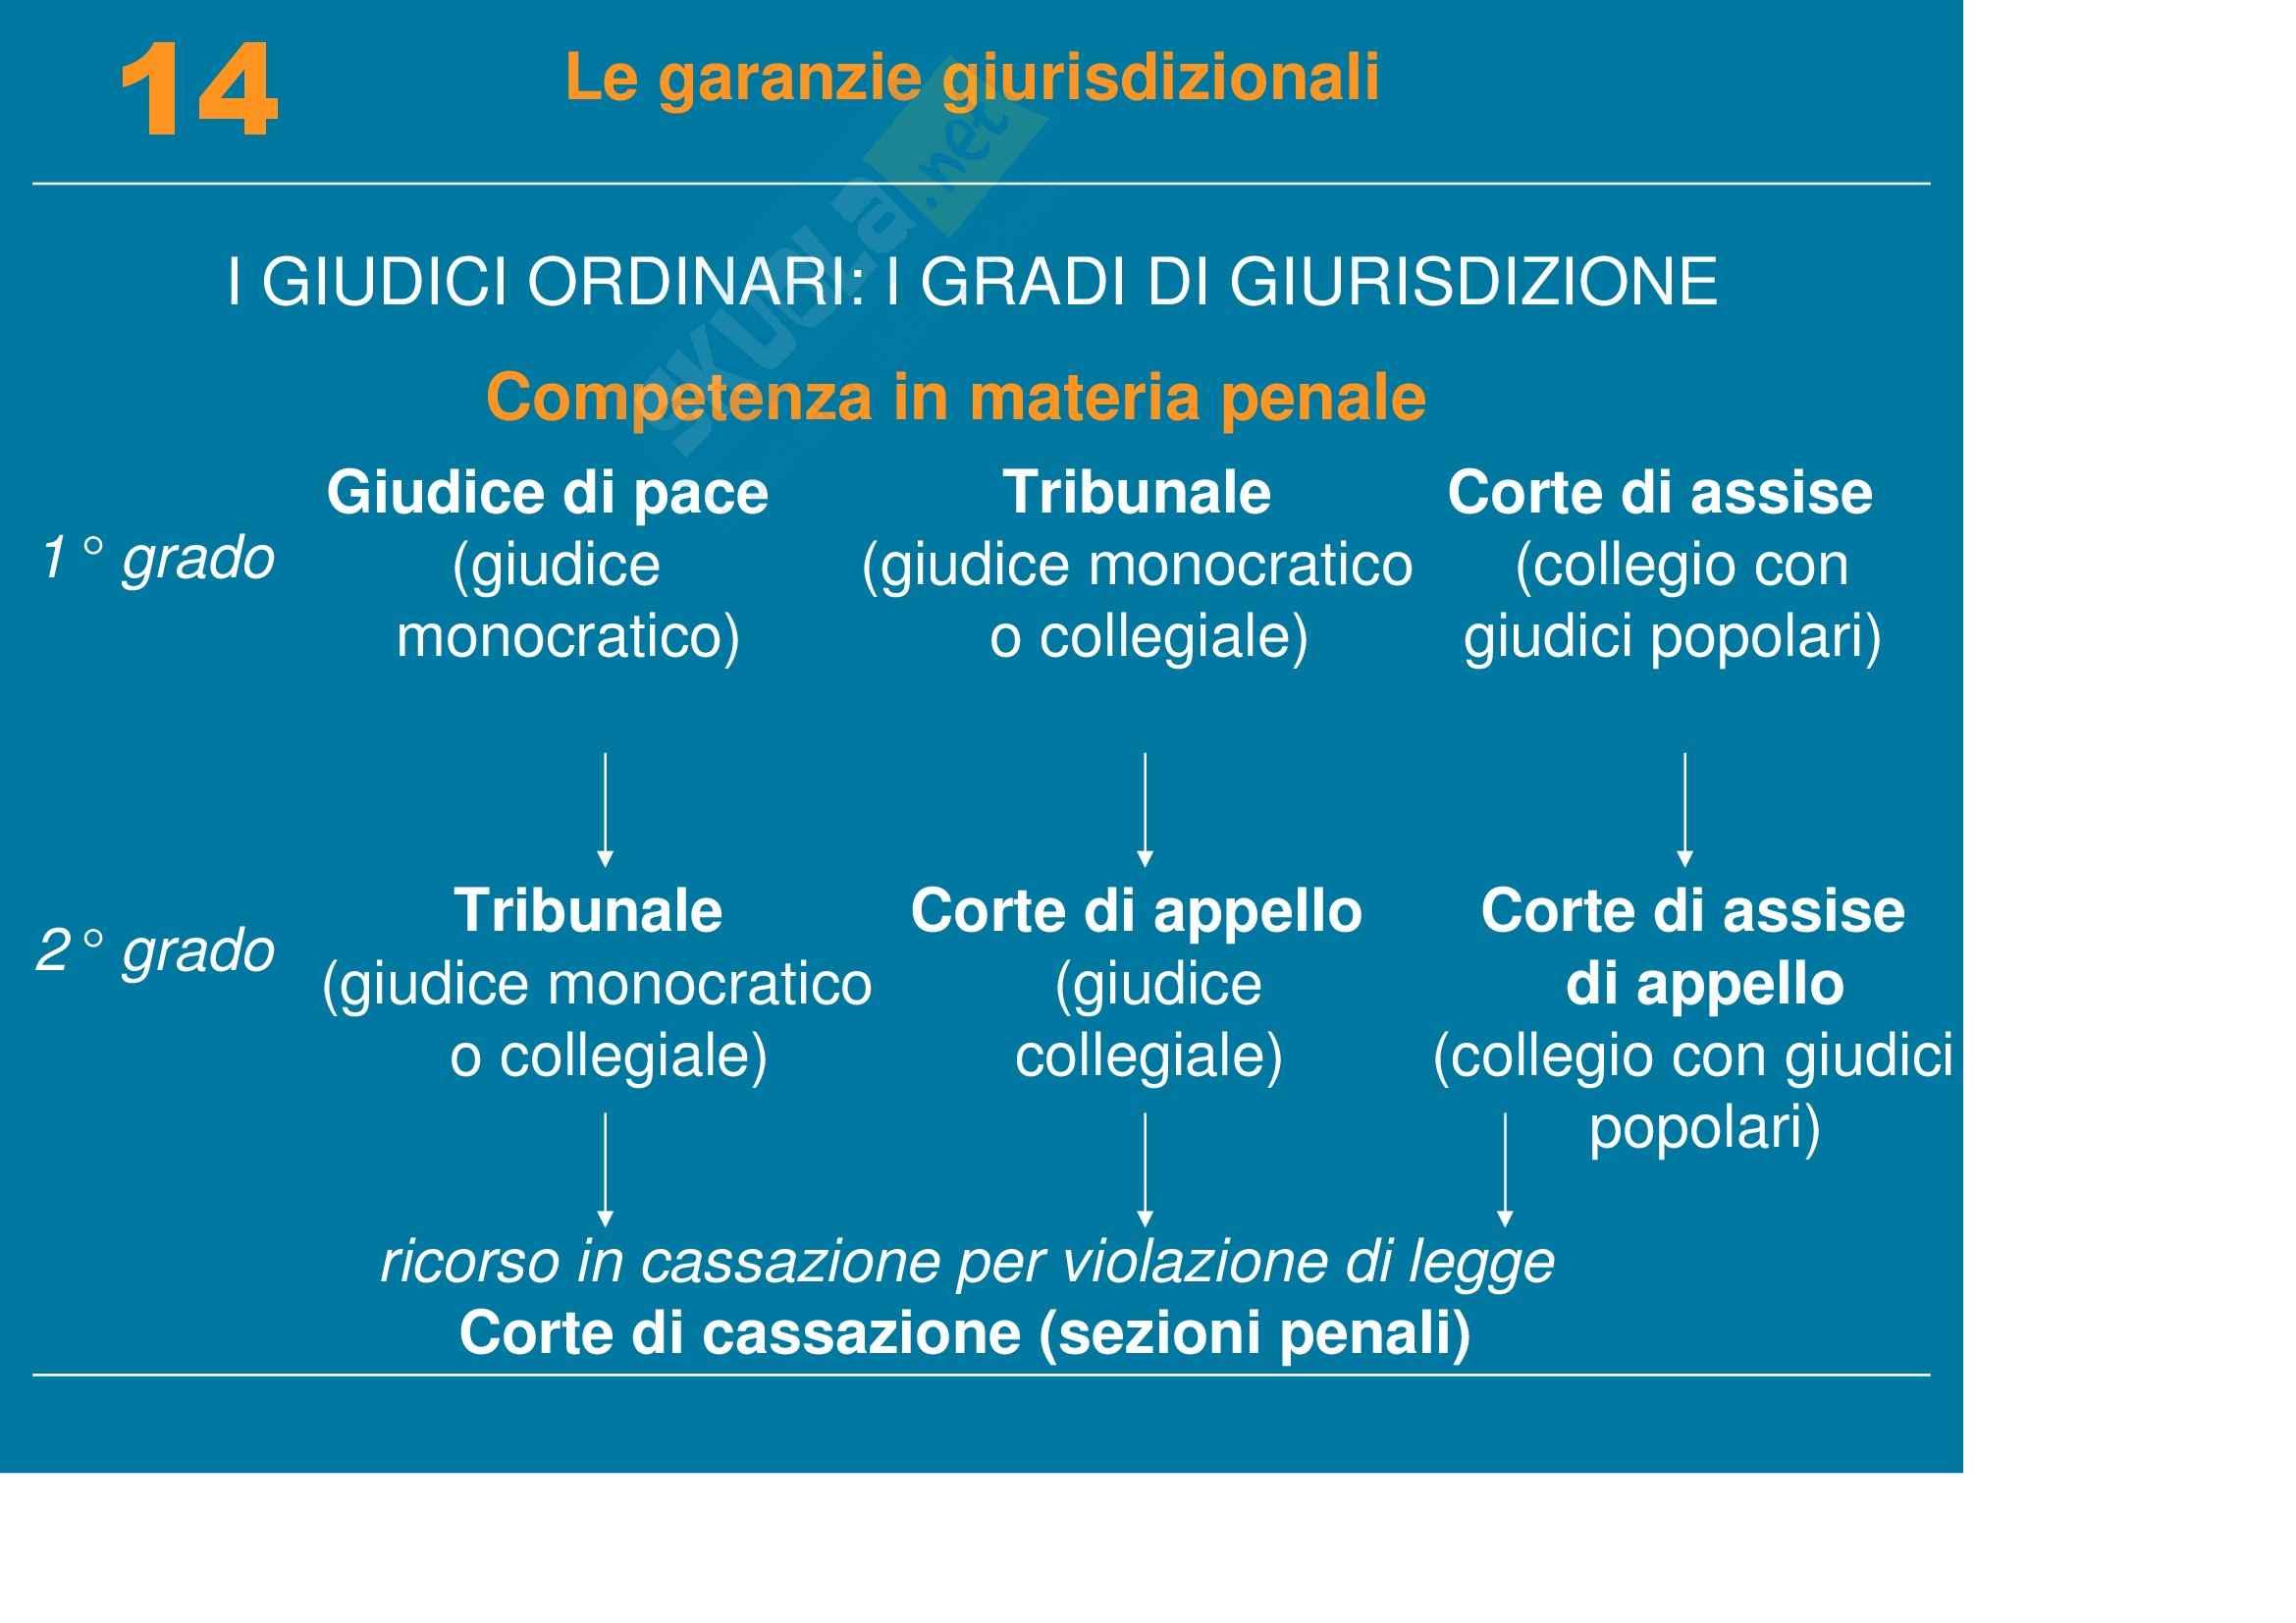 Diritto pubblico, dell'informazione e della comunicazione - le garanzie giurisdizionali Pag. 6